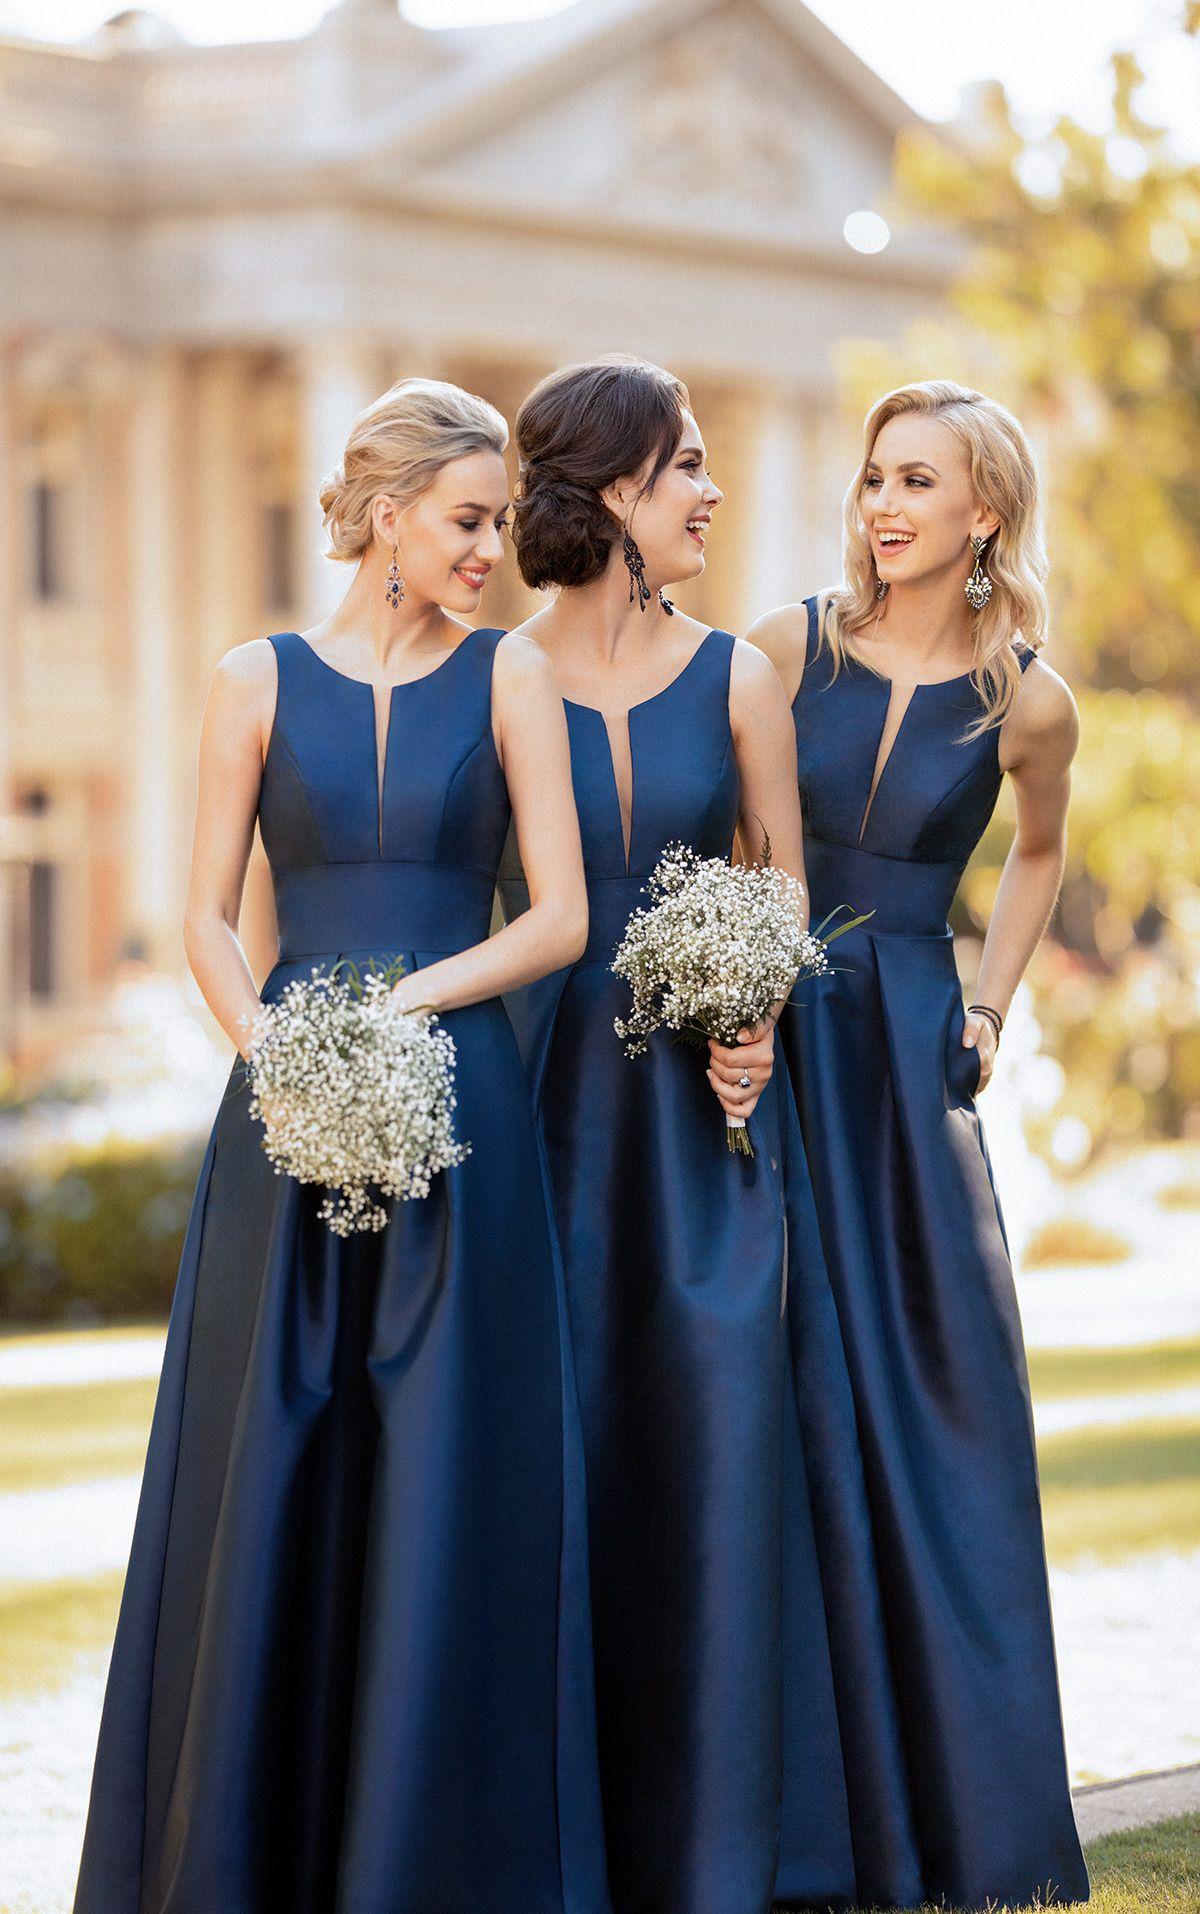 e6c90d57e9d Sorella Vita Bridesmaid Dresses Are The New Classic - Pretty Happy Love -  Wedding Blog